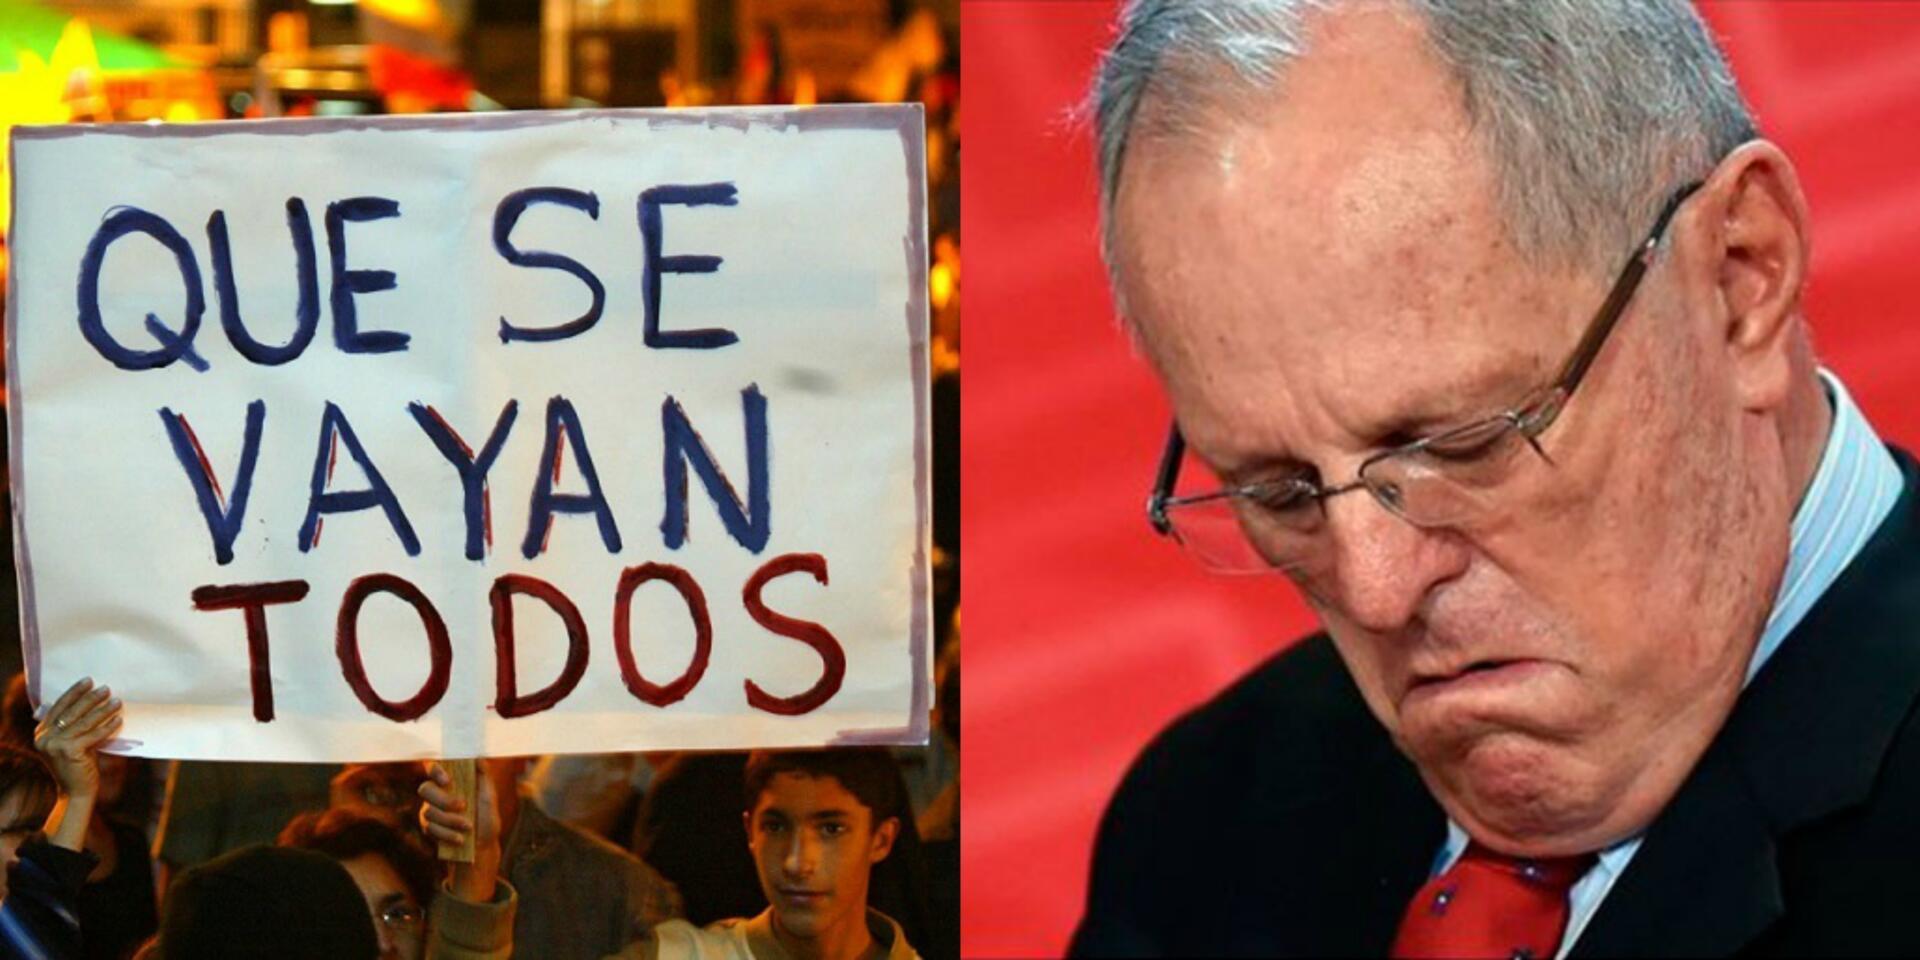 ¿«#QueSeVayanTodos»?